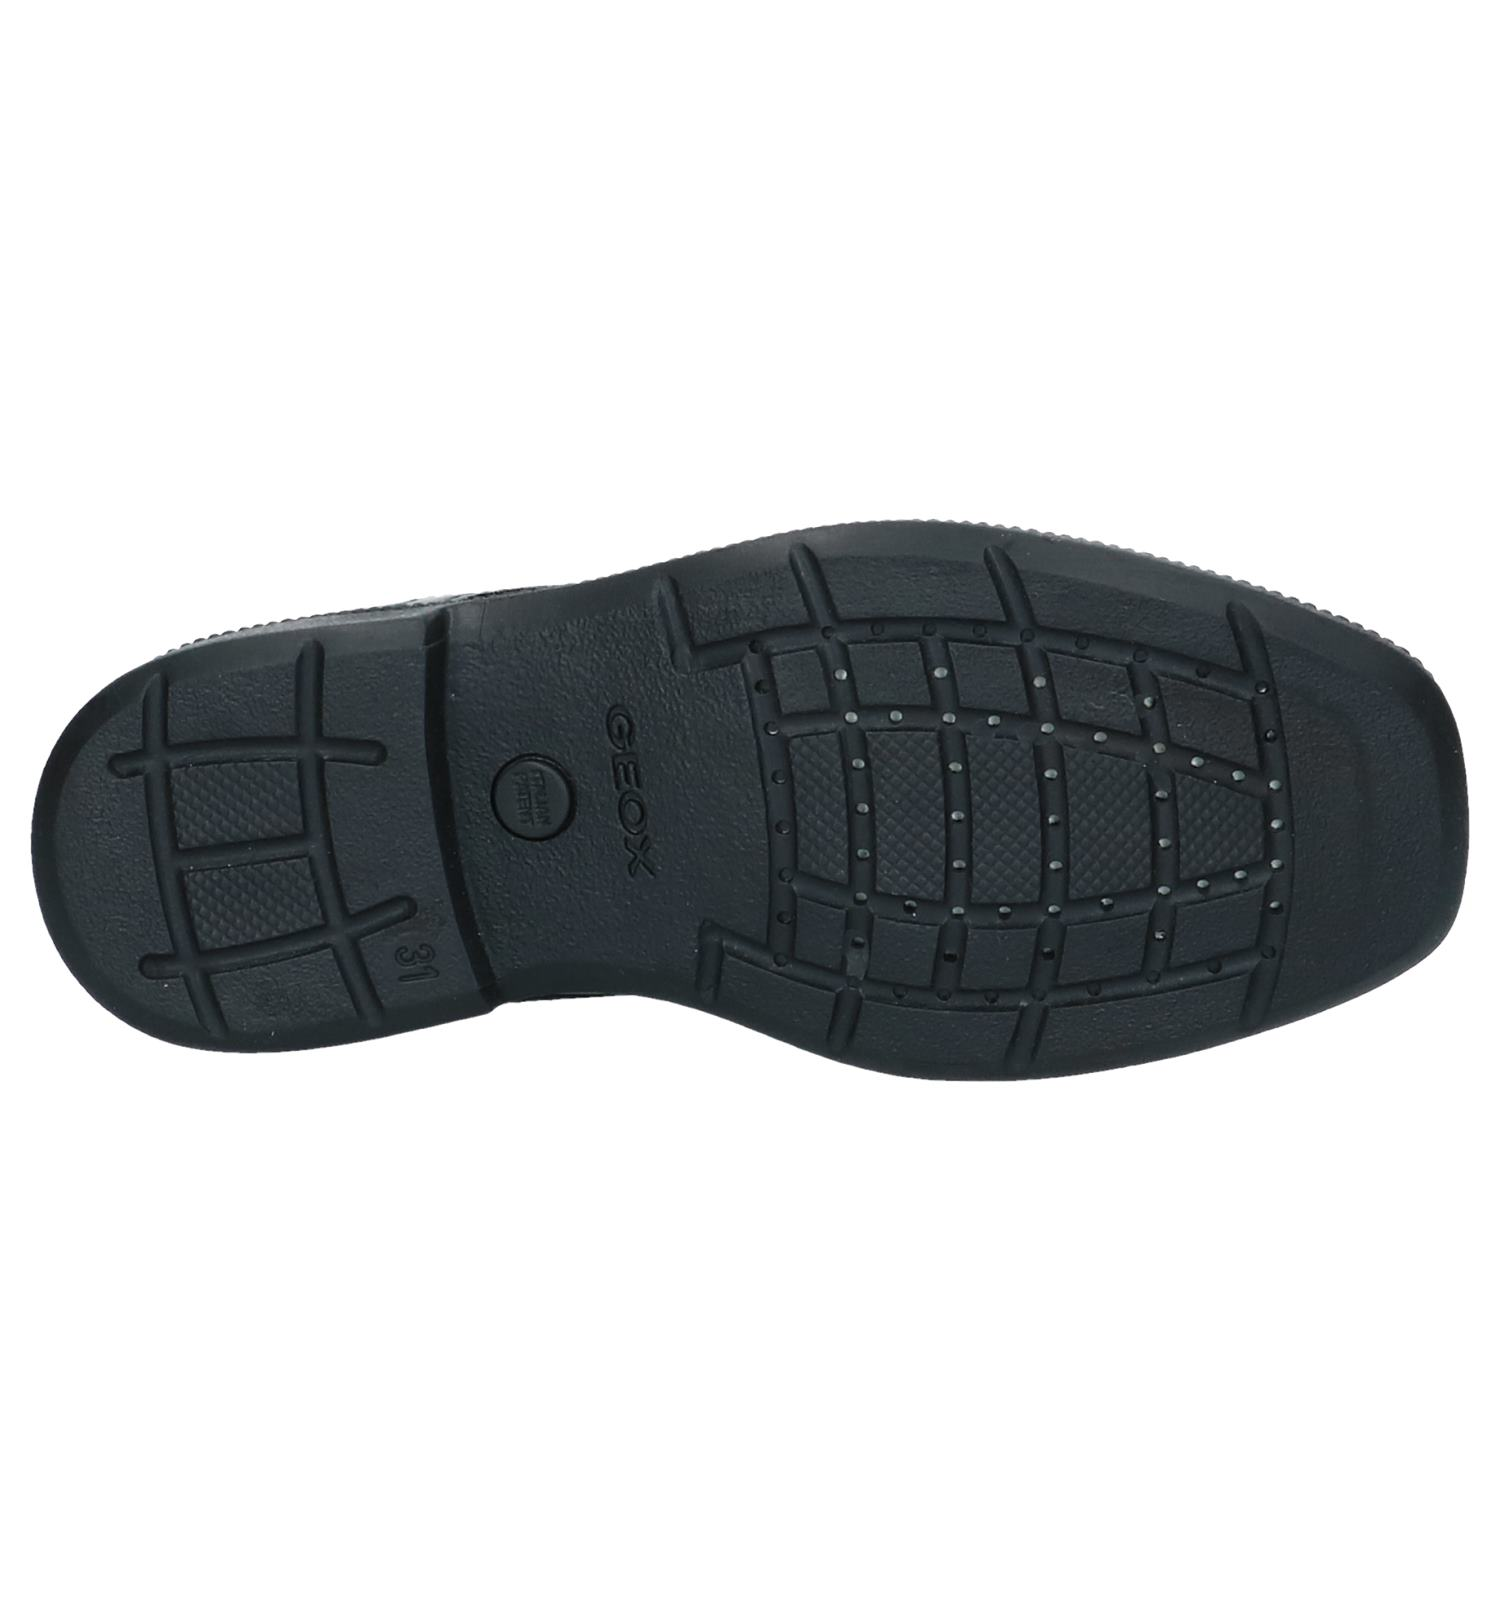 d68d47365f1 Geklede Zwarte Geox Boots   TORFS.BE   Gratis verzend en retour